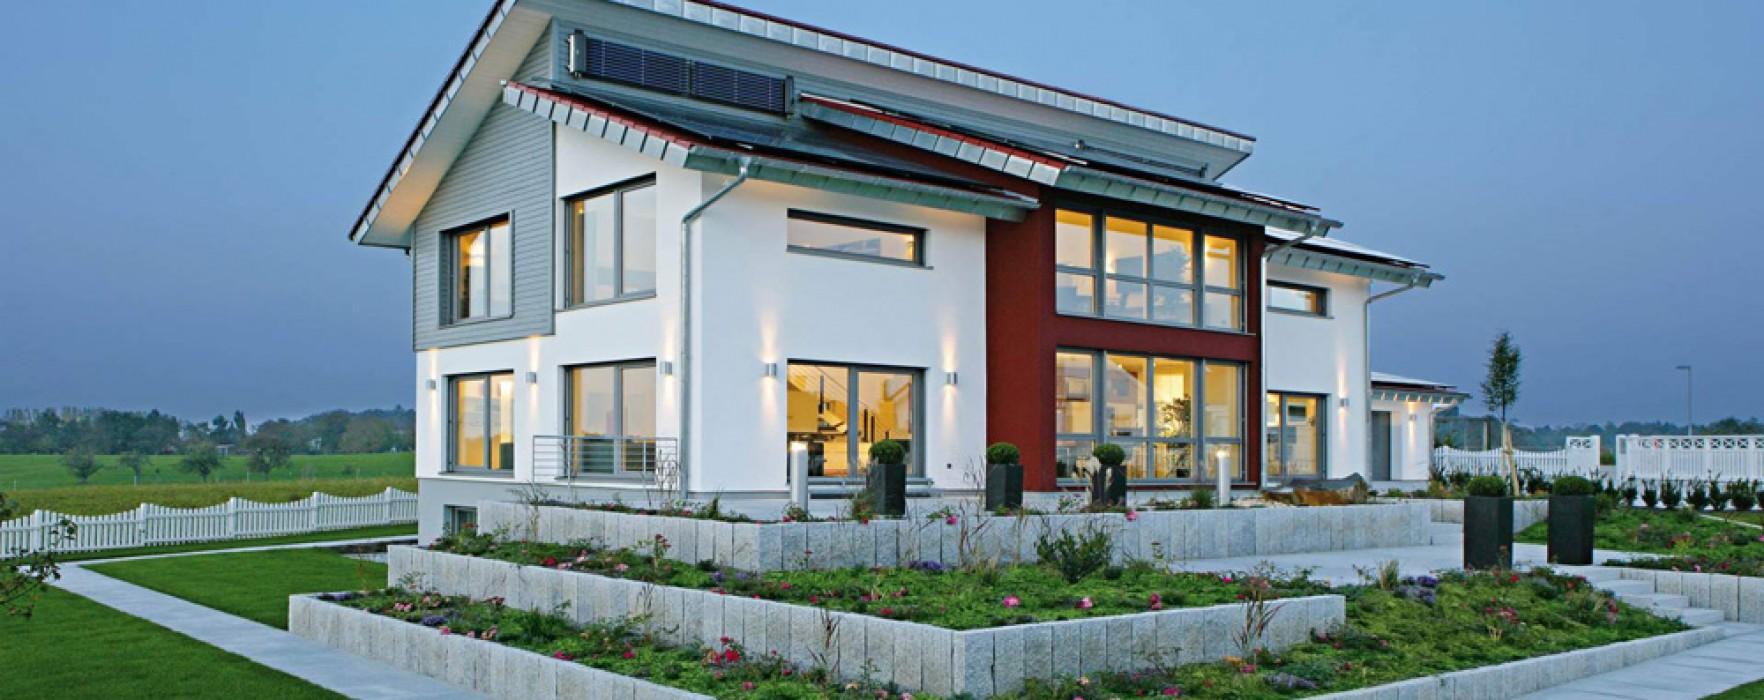 Costruire Un Camino In Casa camino e ventilazione in una casa di legno